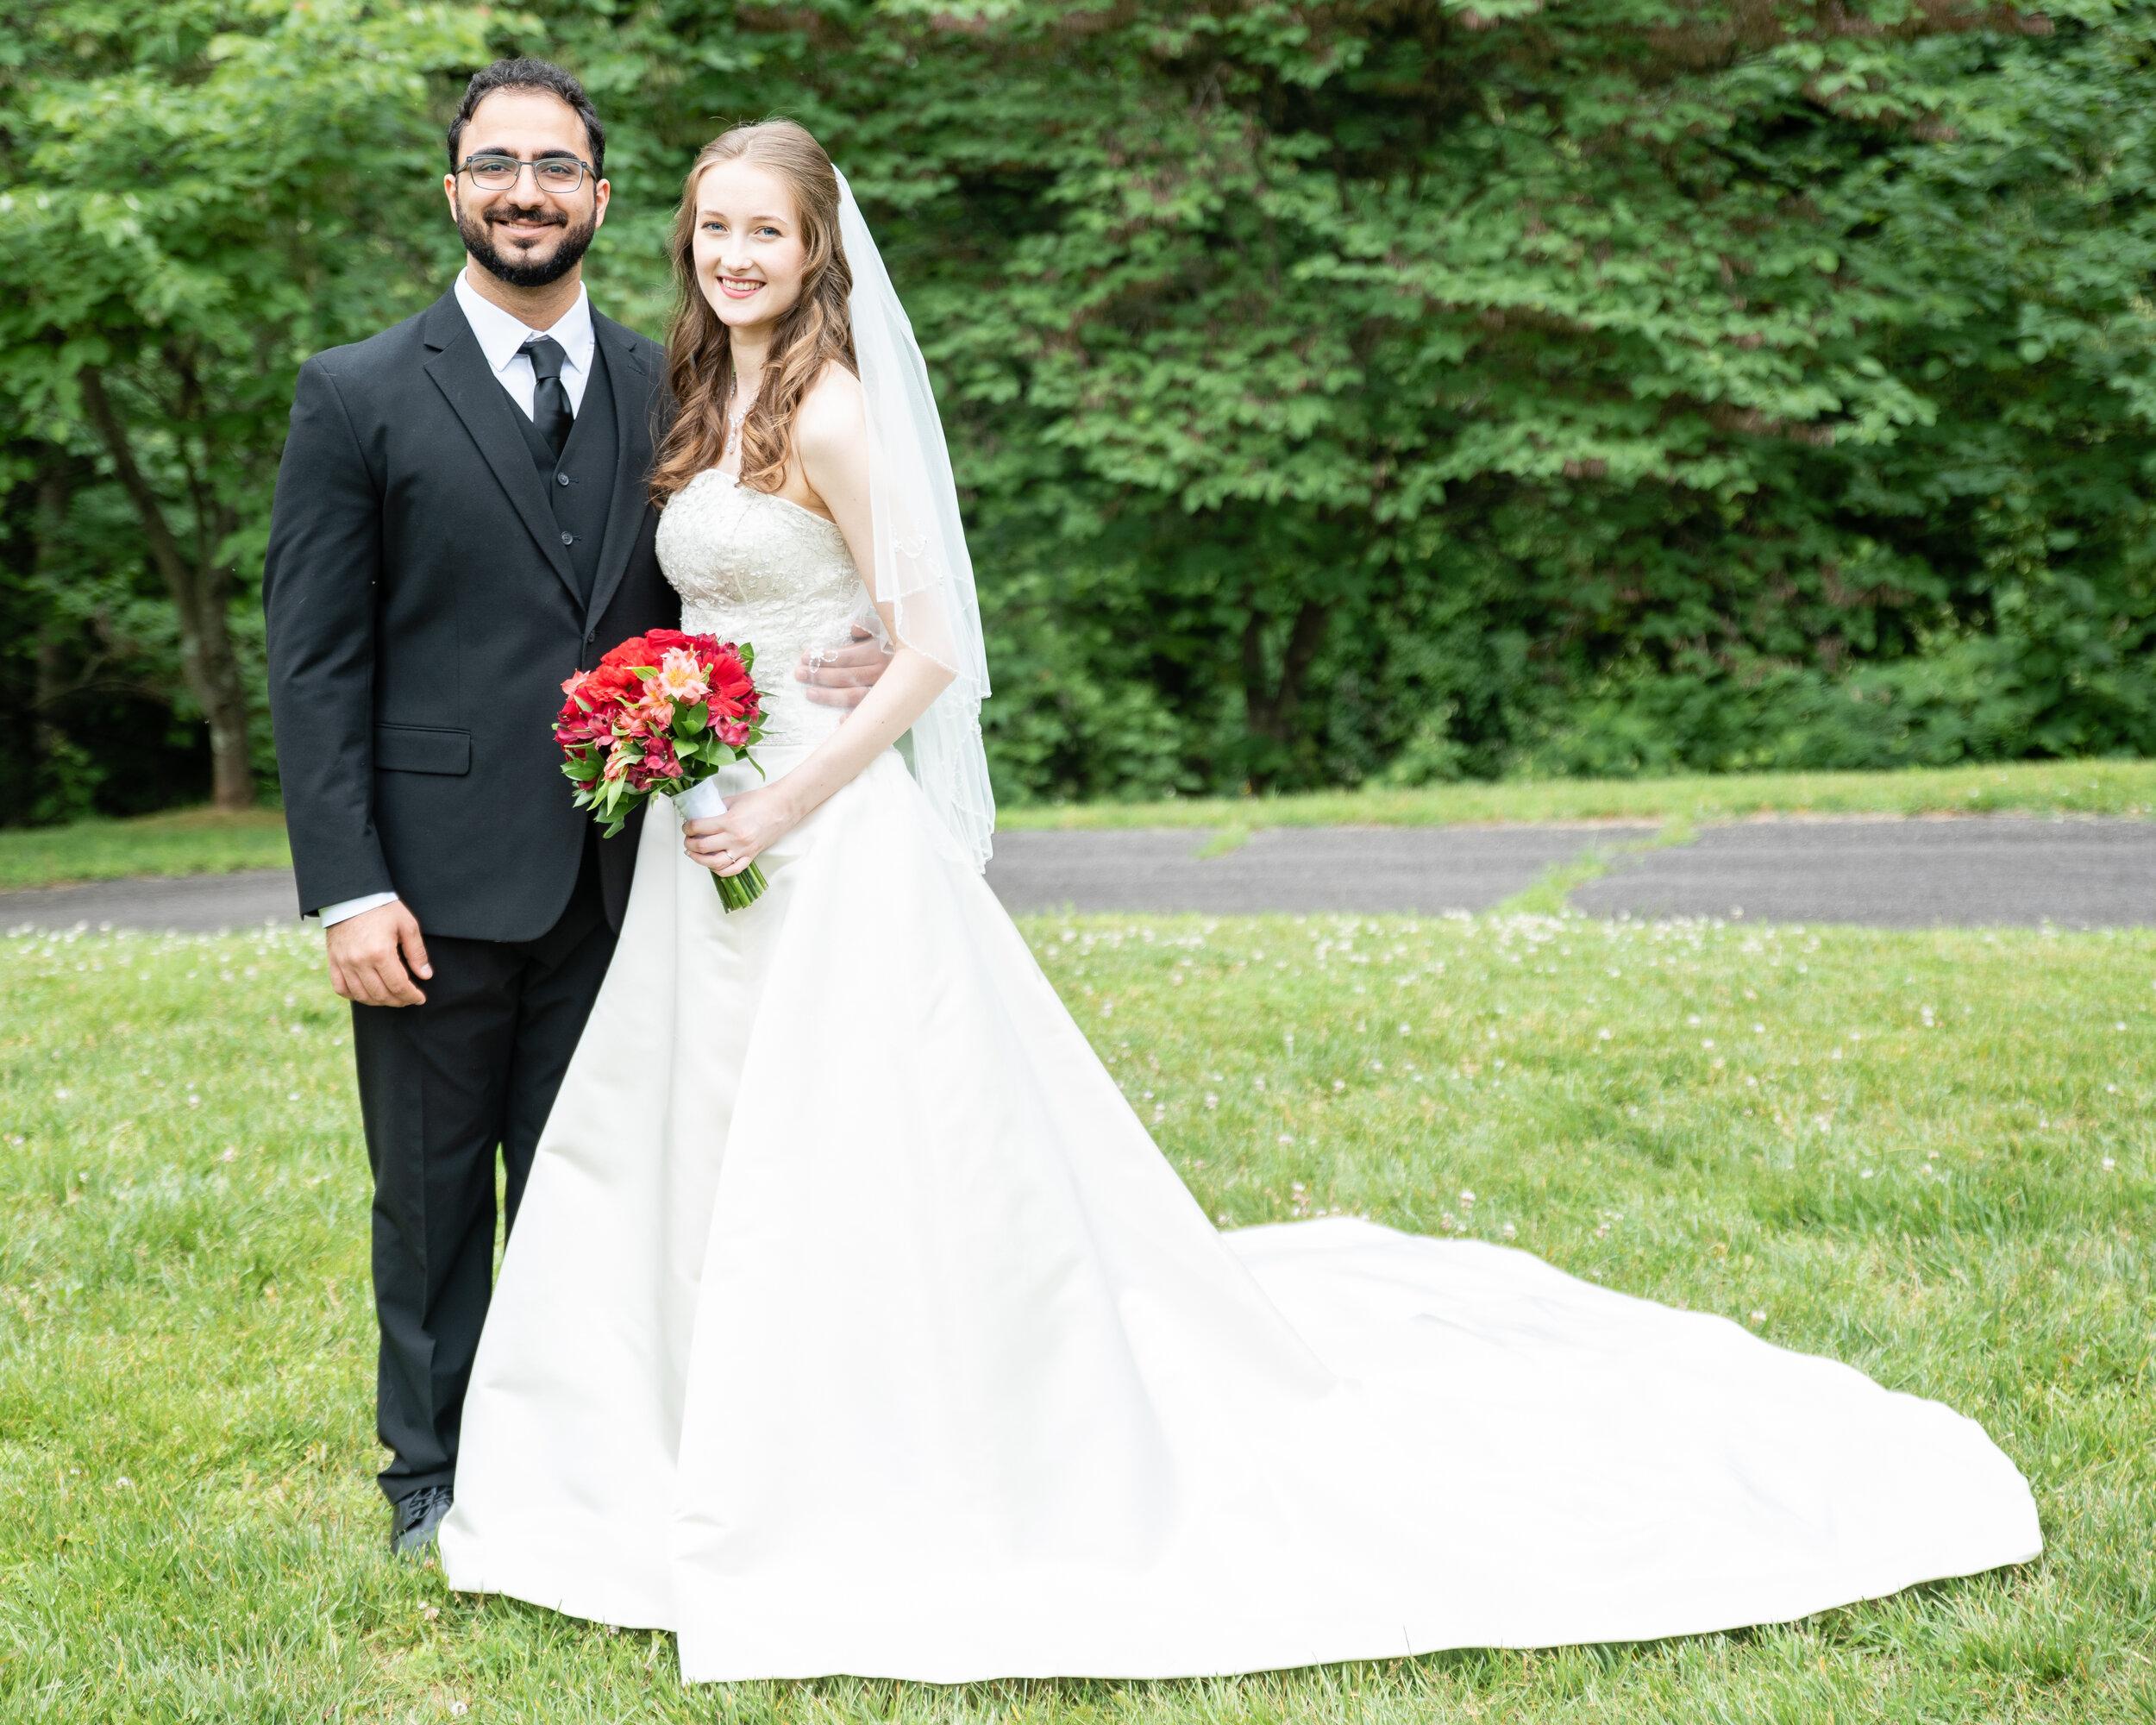 Kaitlyn-Davood-Wedding_7June2019-54.jpg